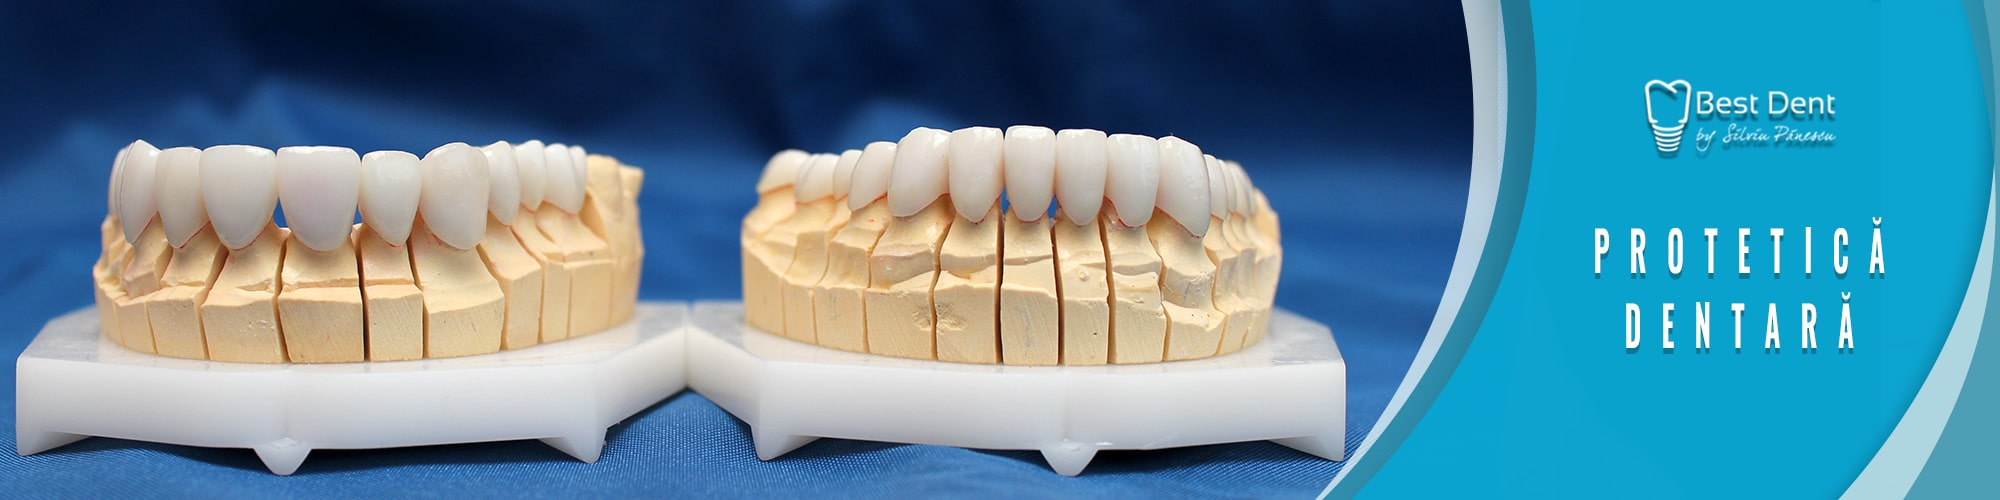 Protetică dentară Severin